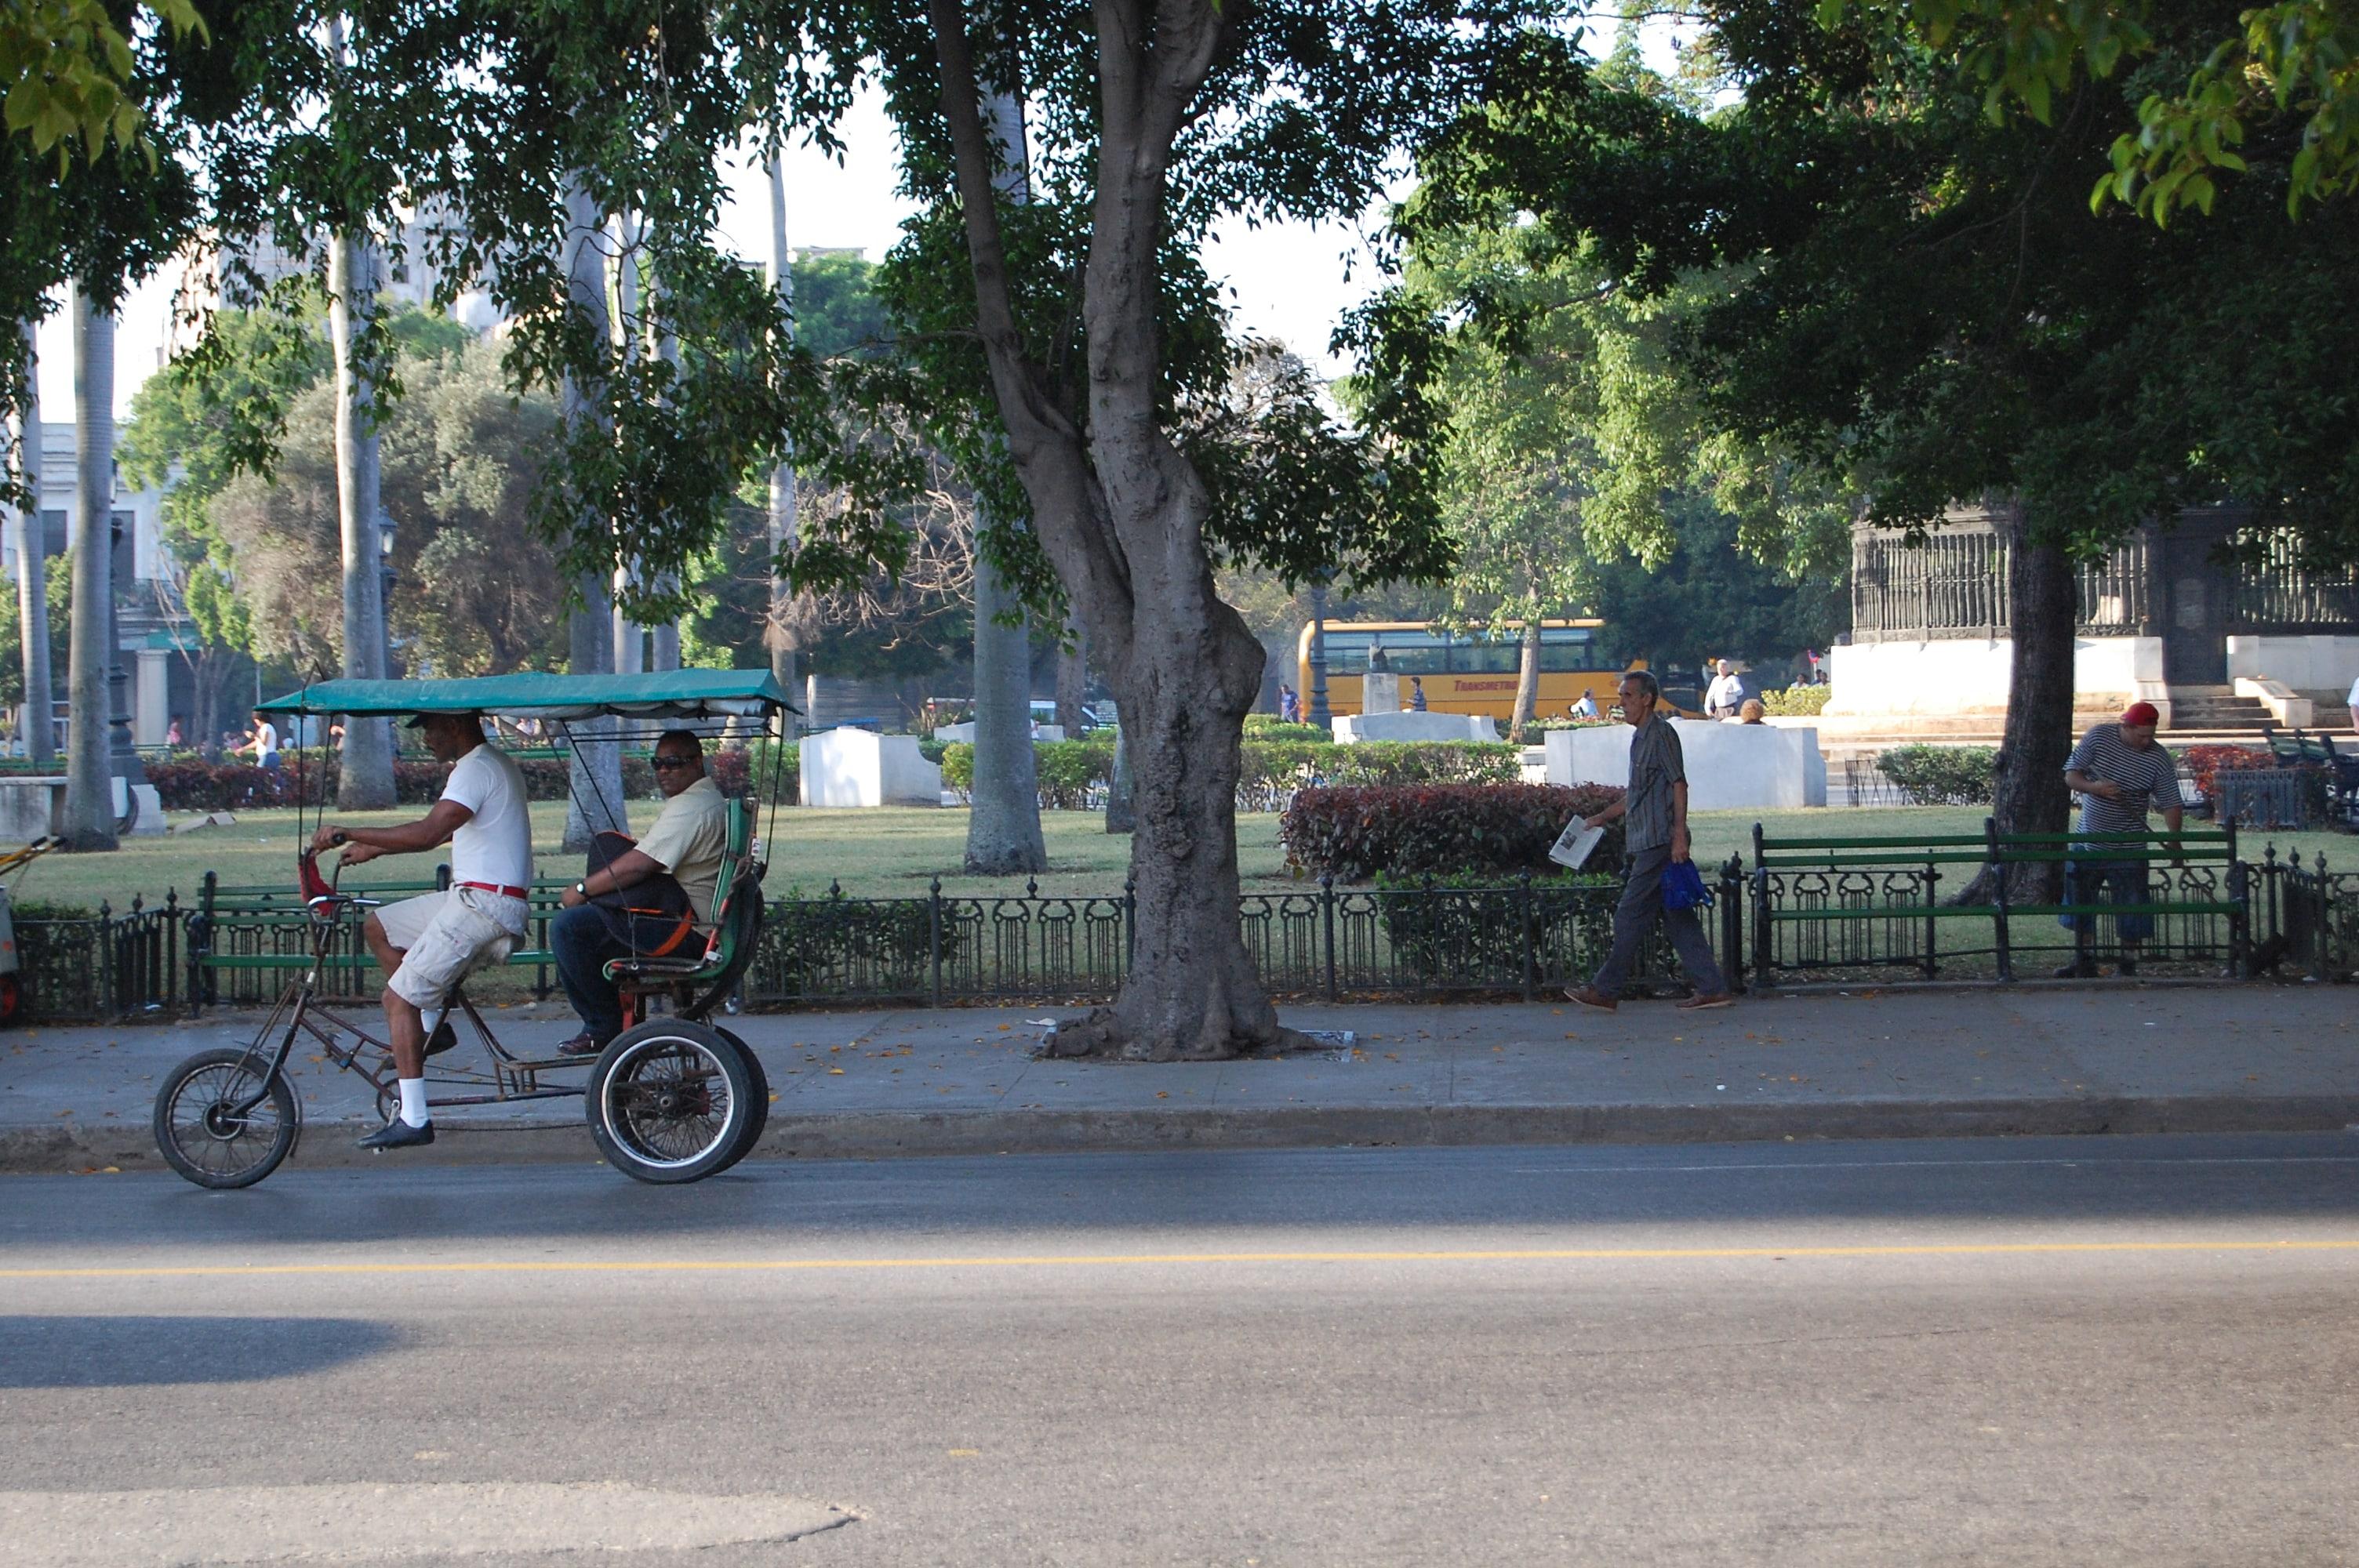 Bici-taxi por el parque de La Fraternidad. Marta Lora.